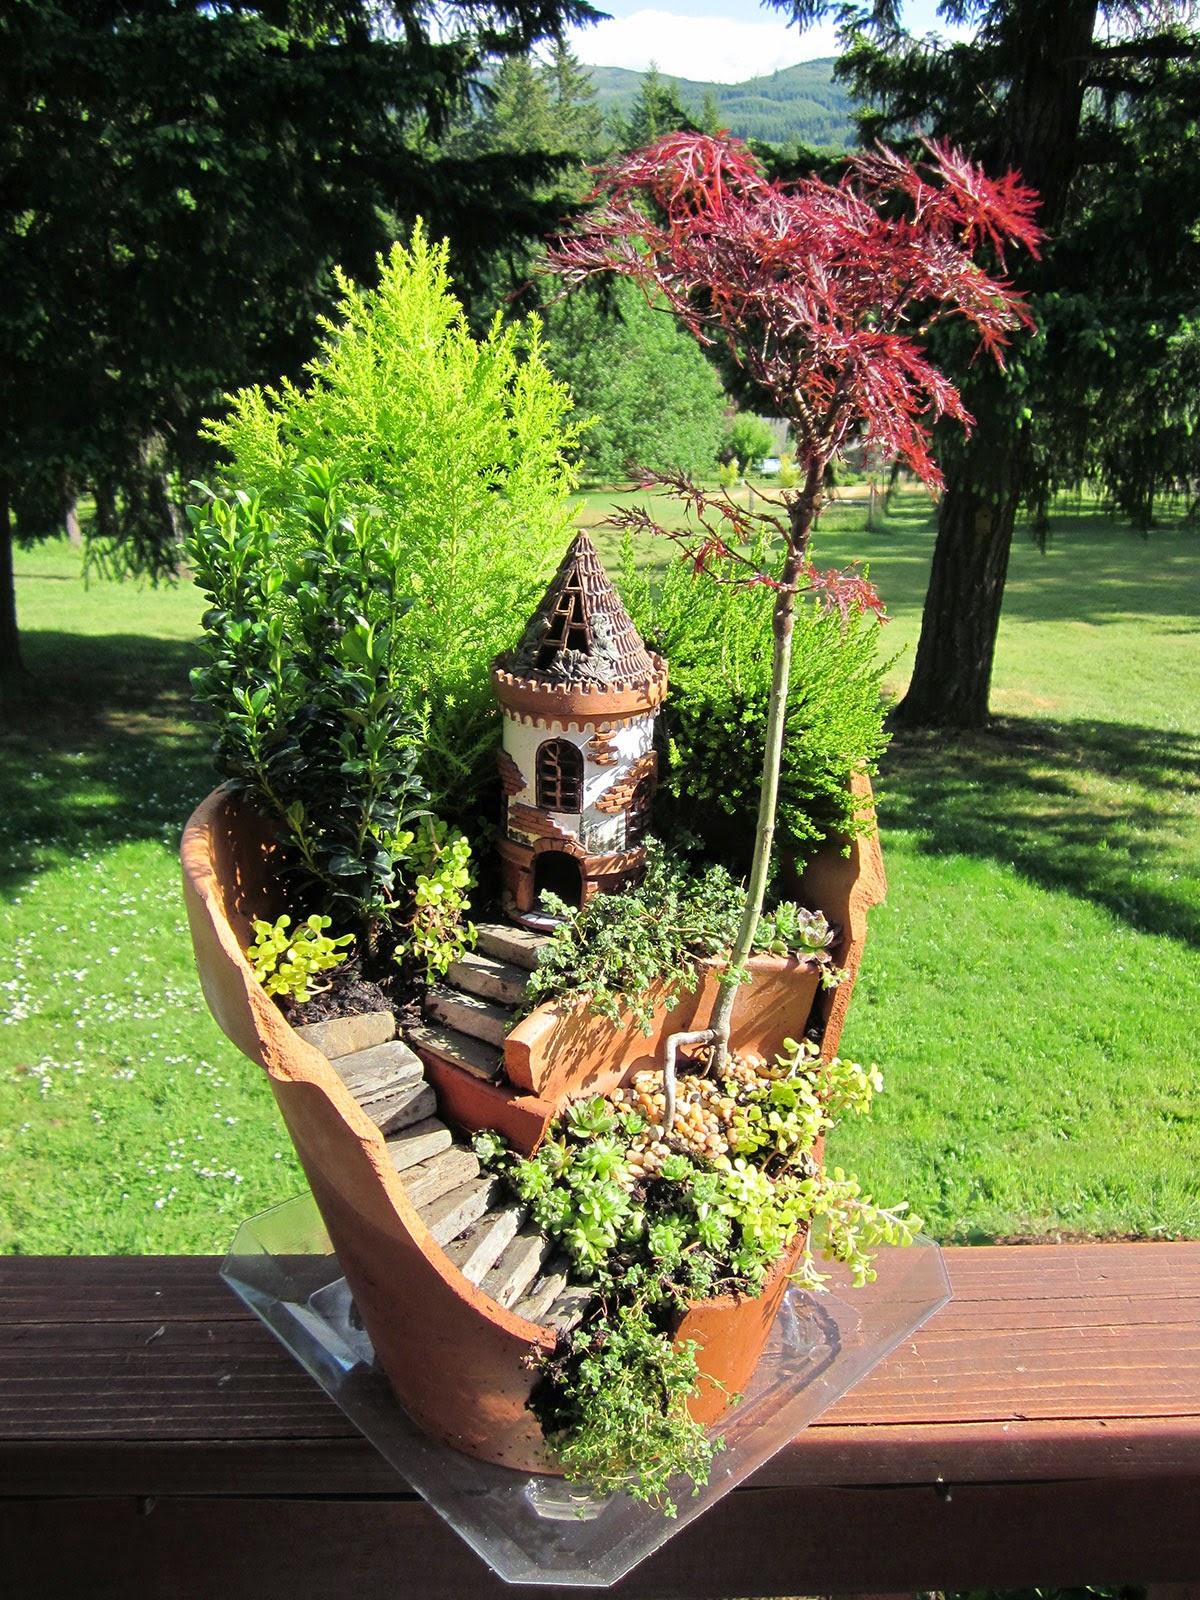 Engaging Fairy Garden Castle Diy Miniature Fairy Garden Ideas To Bring Magic Into Your Home Diy Fairy Garden Diy Fairy Garden Plants garden Diy Indoor Fairy Garden